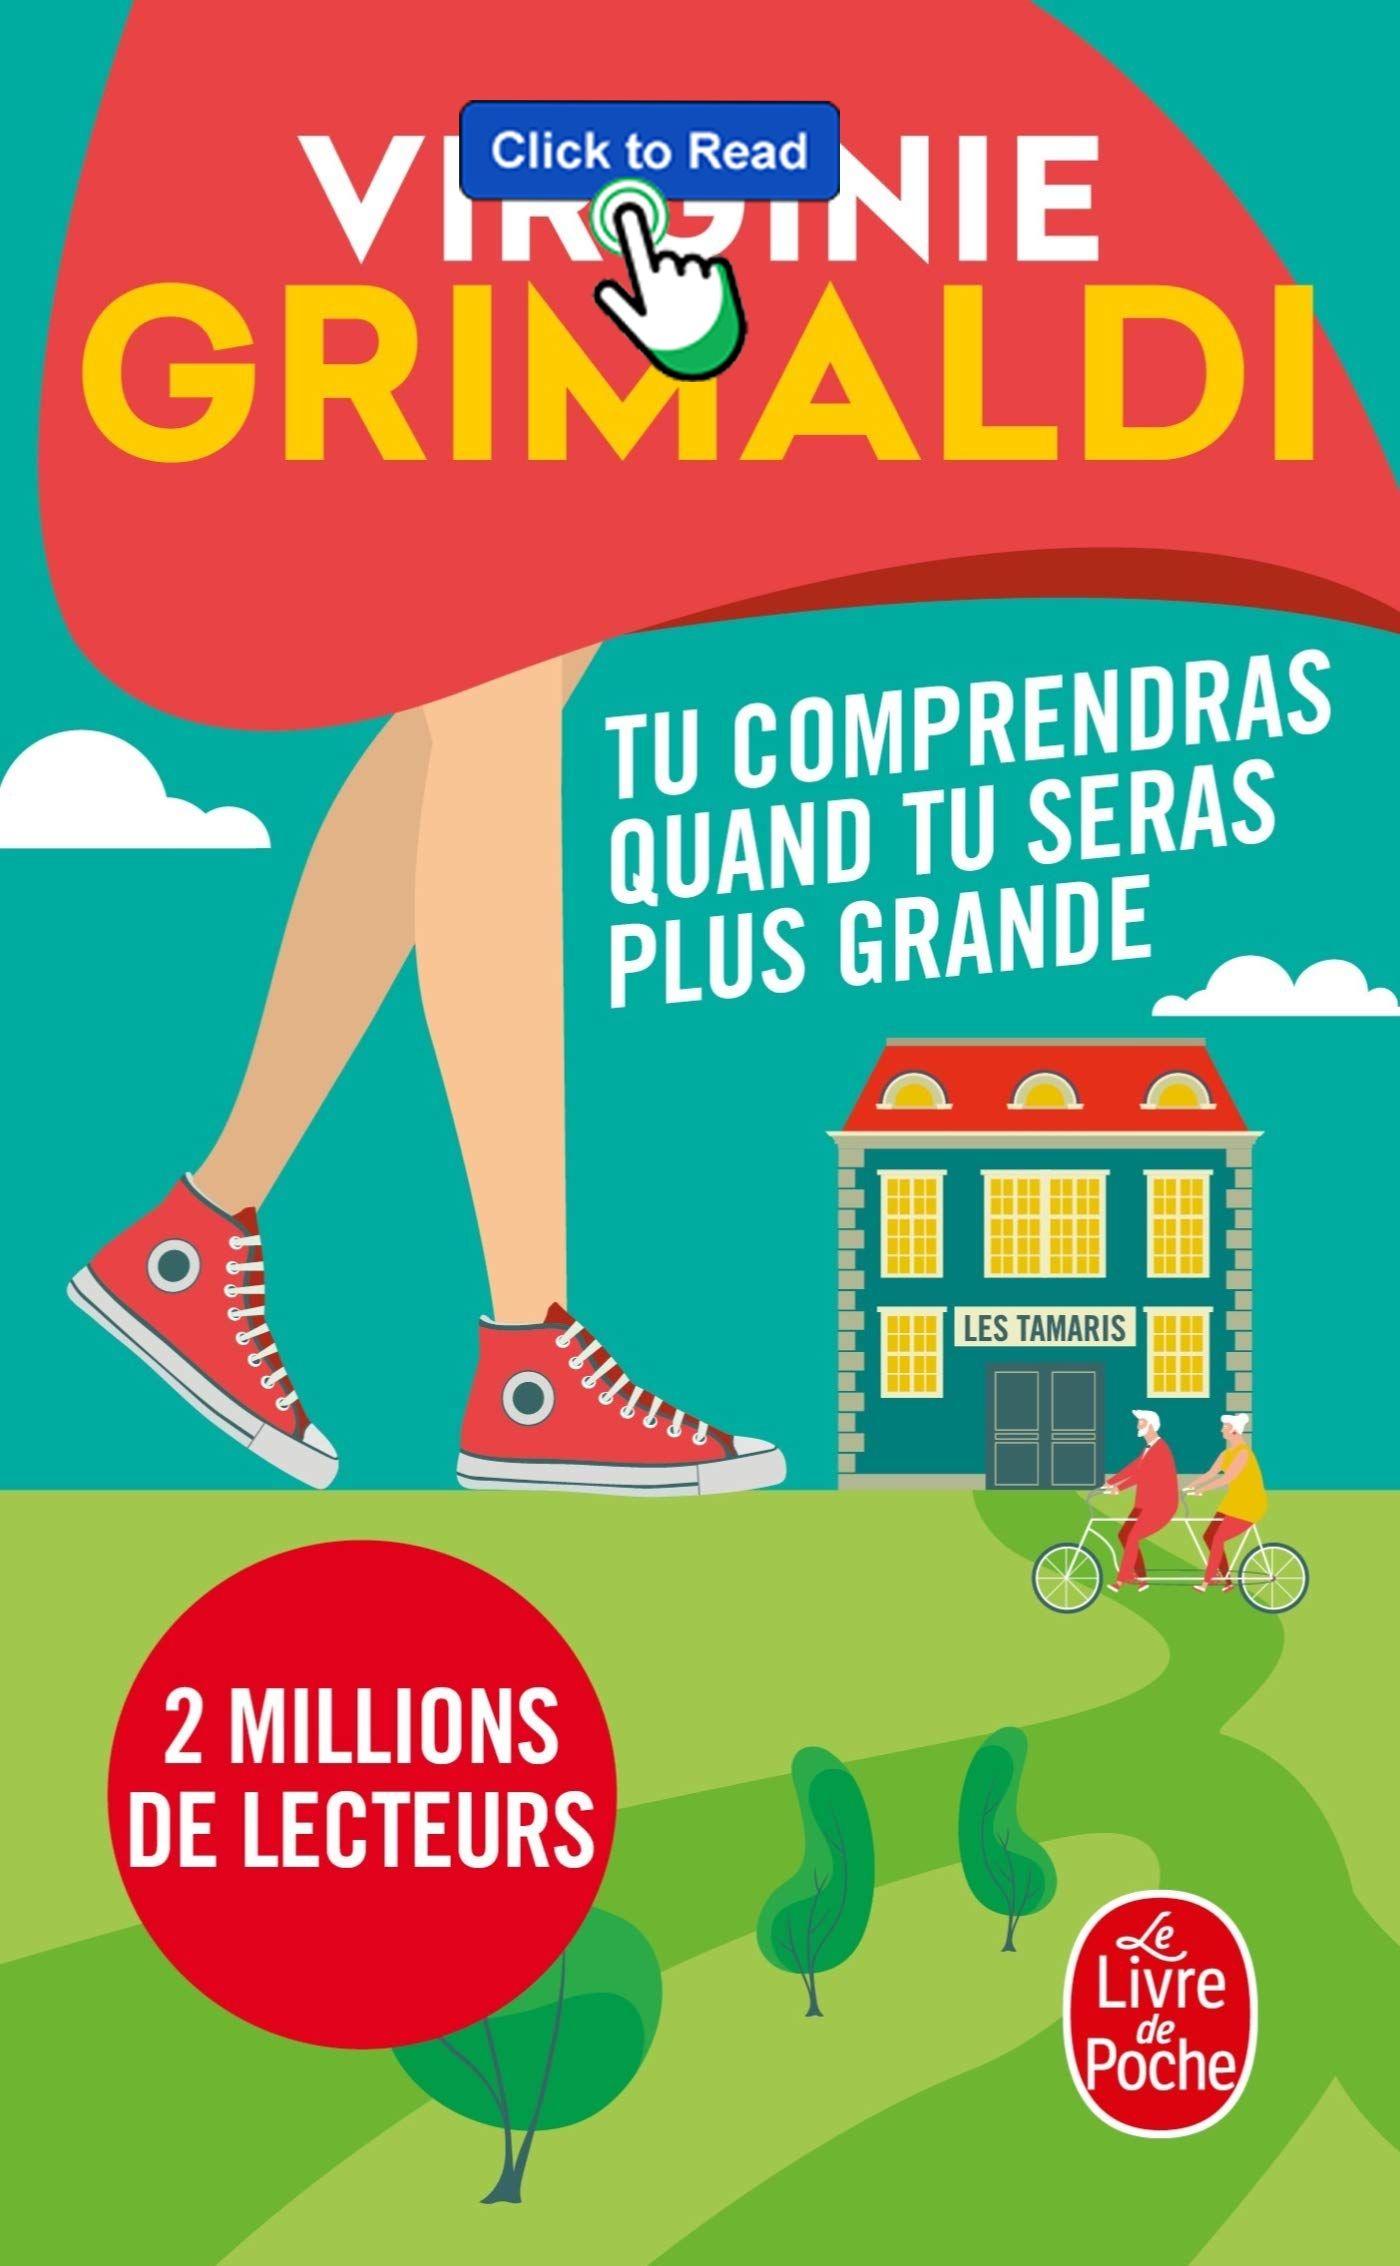 Telecharger C'est Tout Pour Moi Gratuit : telecharger, c'est, gratuit, Livres@, Comprendras, Quand, Seras, Grande, Téléchargement, Gratuit, Livre, Books,, Books